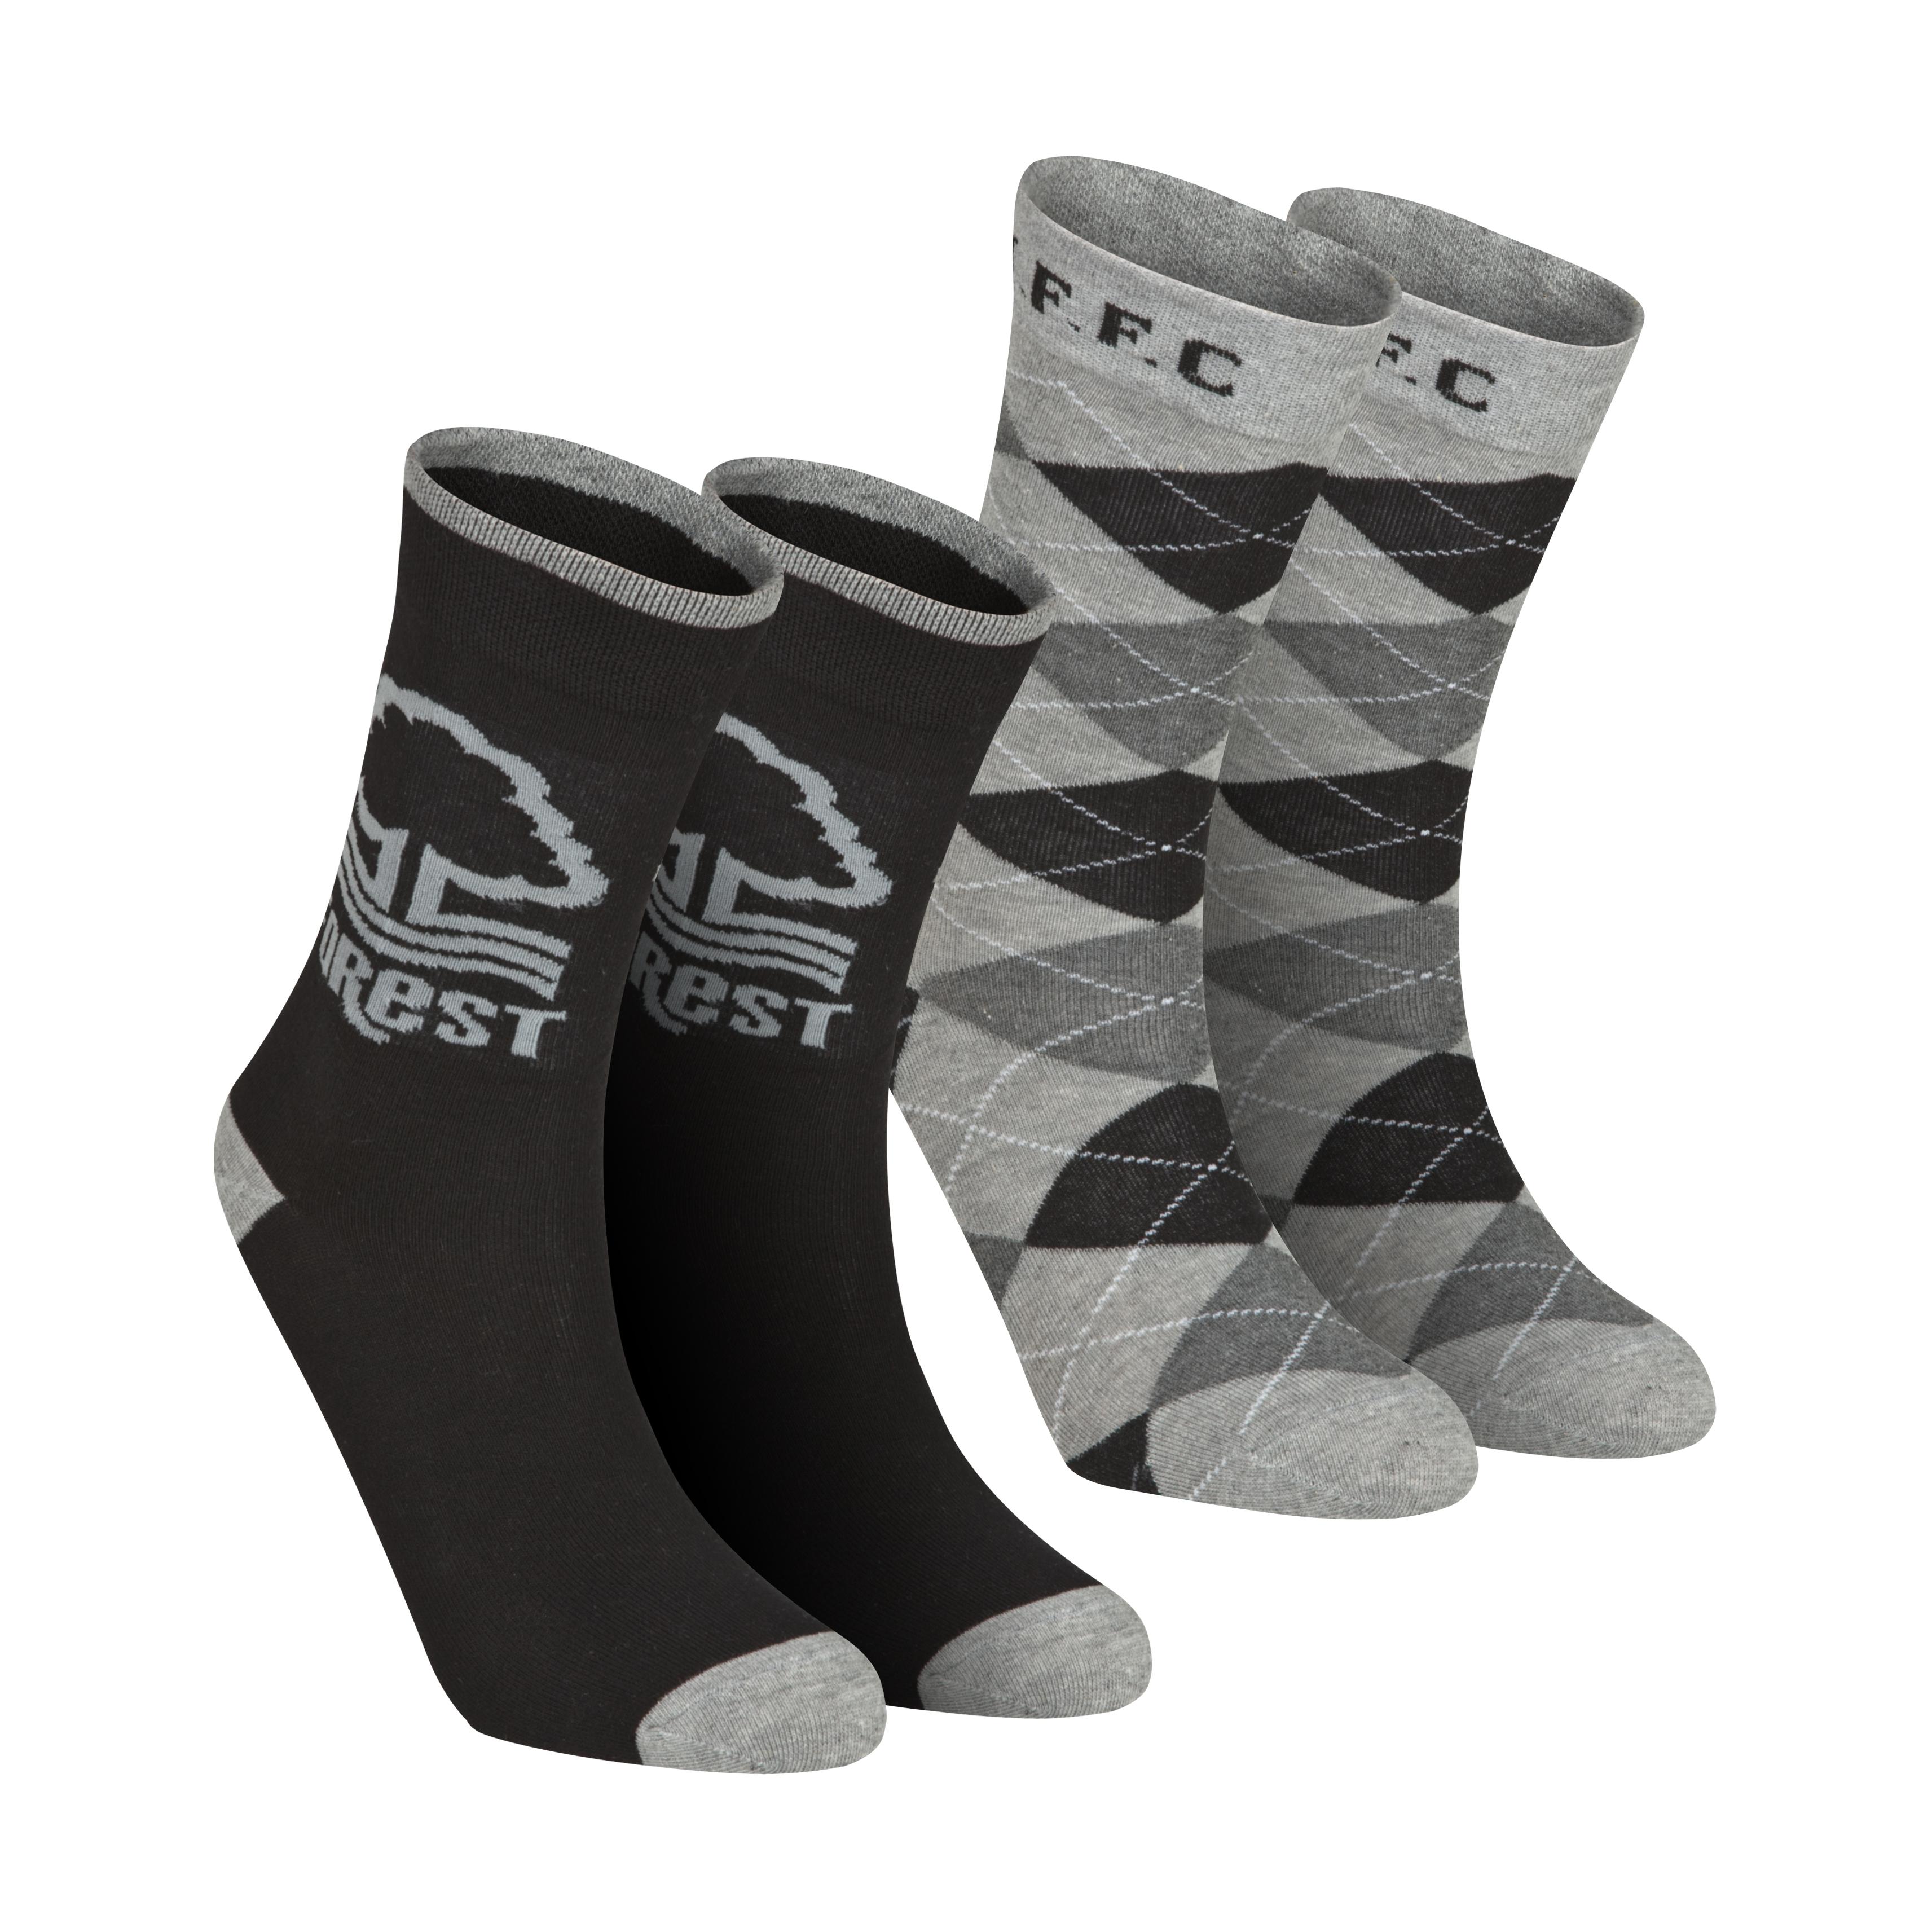 Nottingham Forest Pack of 2 Dress Socks - Black/Grey - Boys